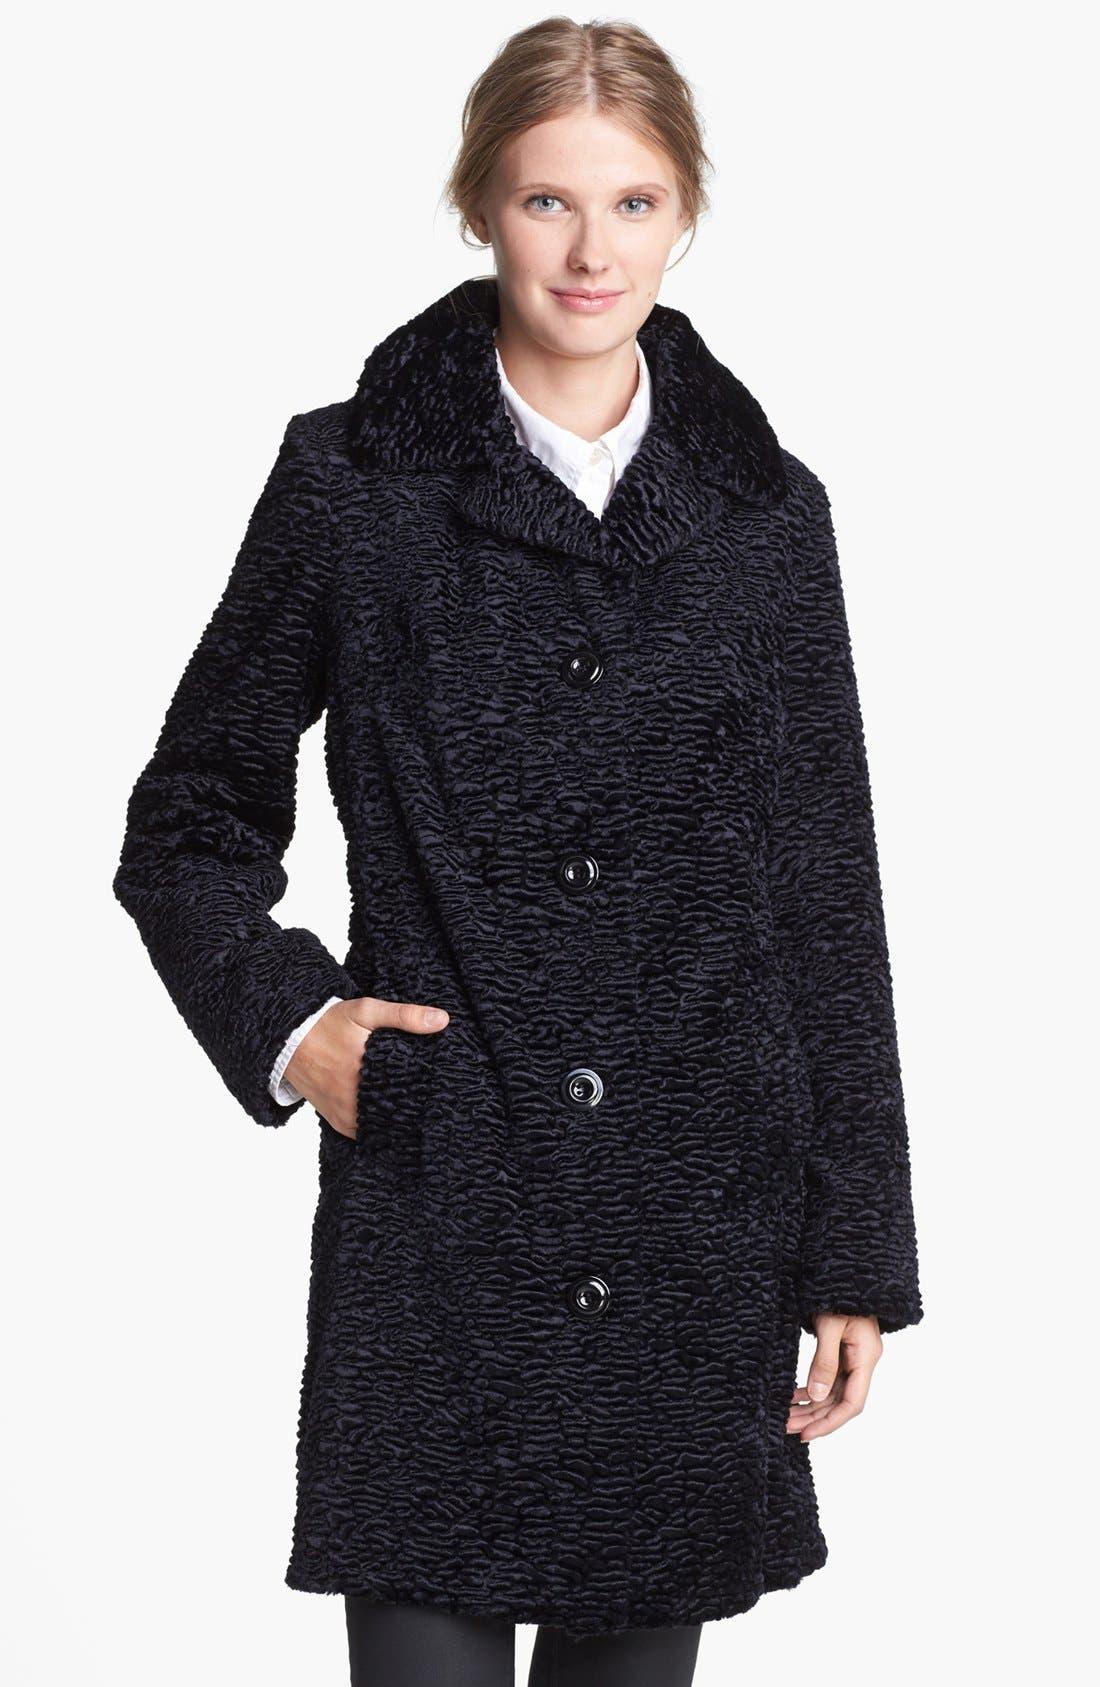 Main Image - Gallery Notch Collar Faux Persian Lamb Fur Coat (Regular & Petite)